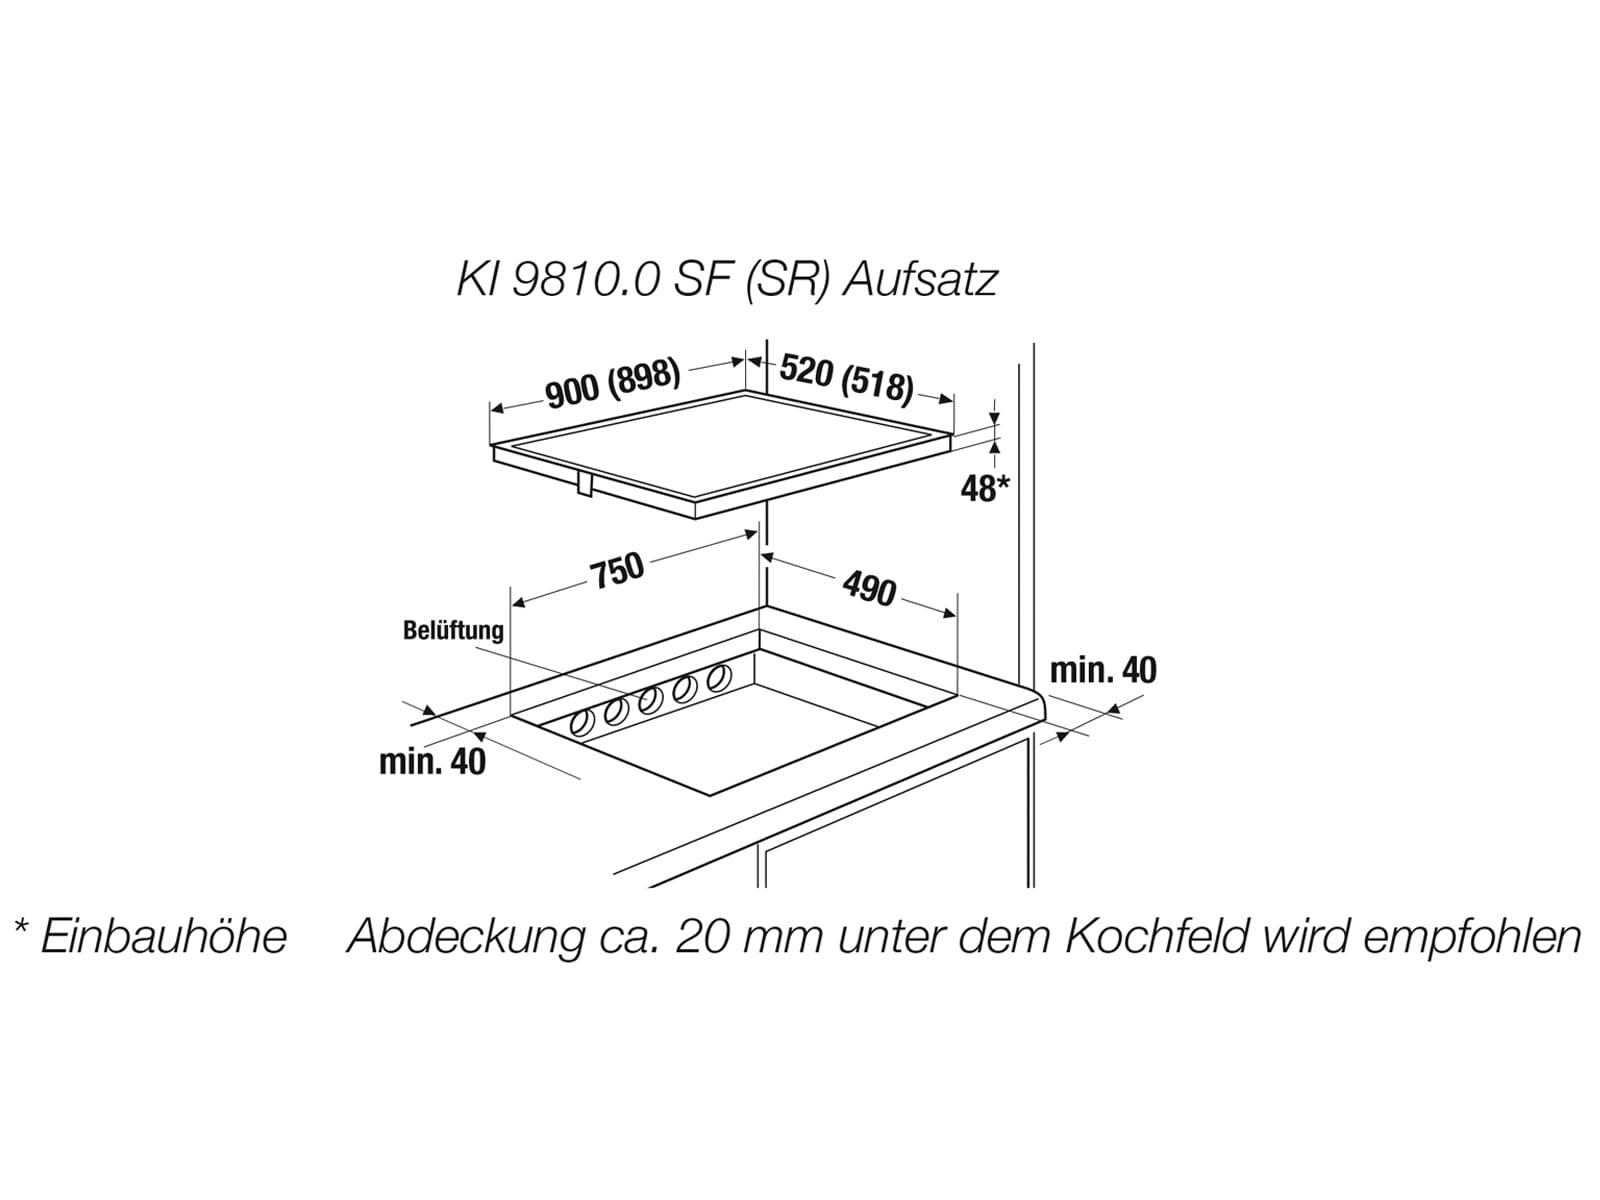 Küppersbusch KI 9810.0 SF K-Series. 8 Induktionskochfeld autark